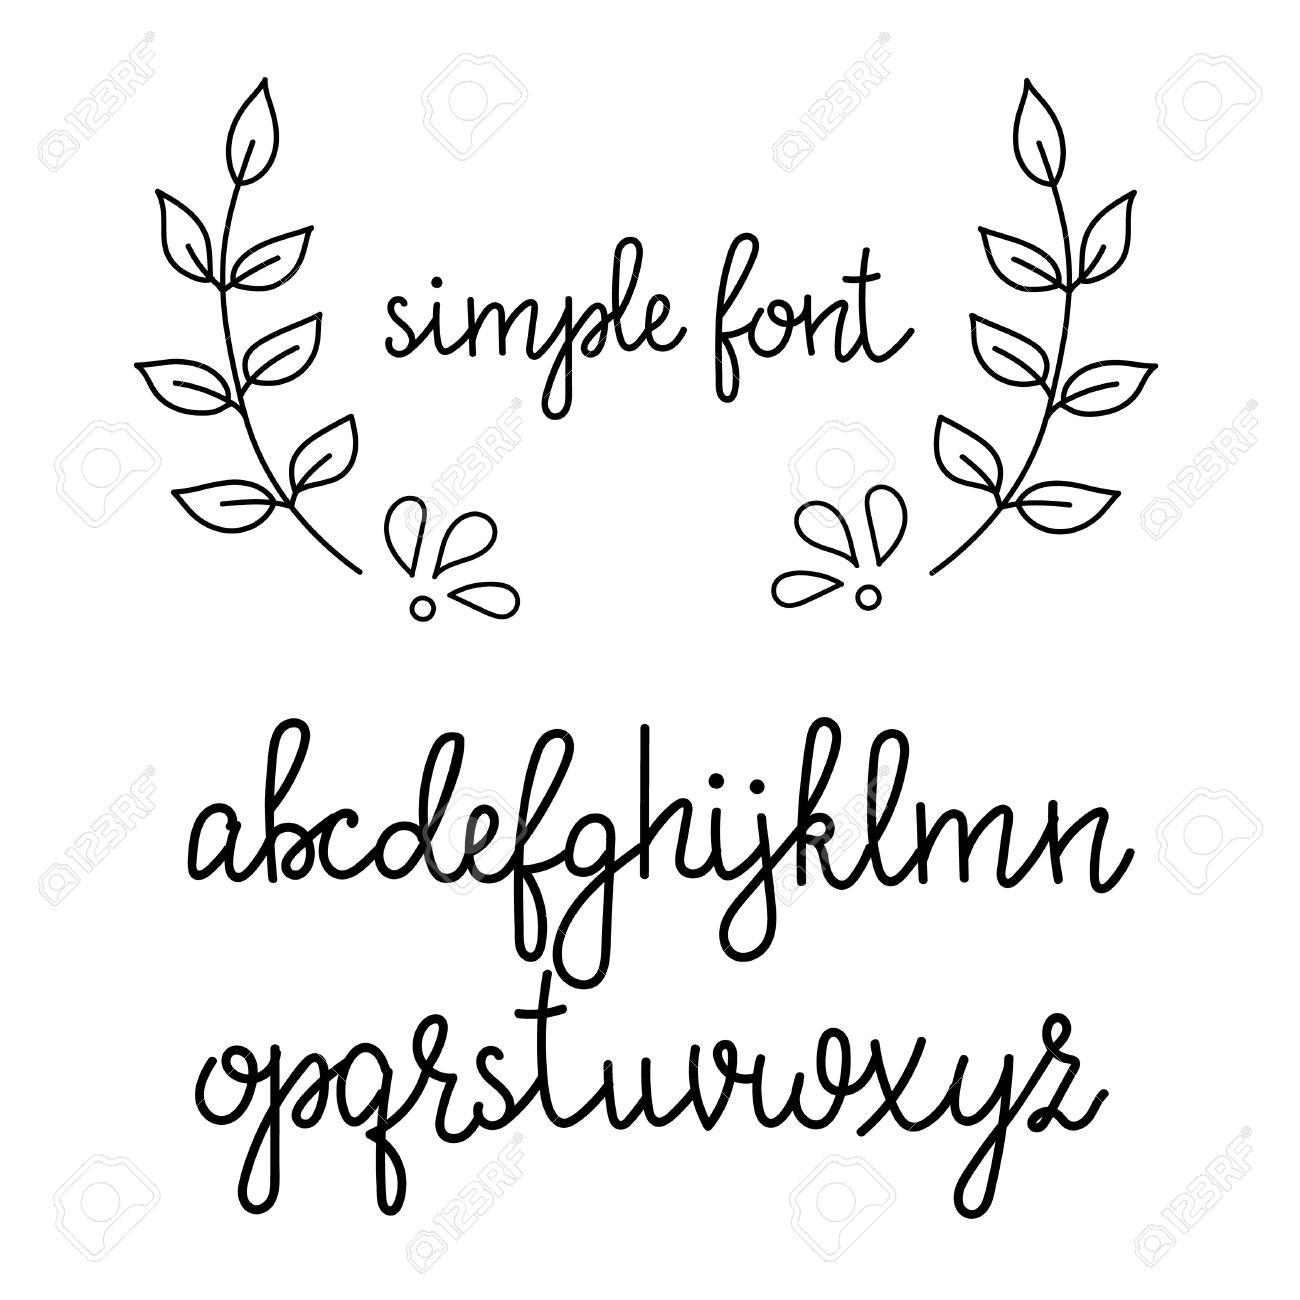 簡単な手書きの先の尖ったペン書道草書フォント。書道のアルファベット